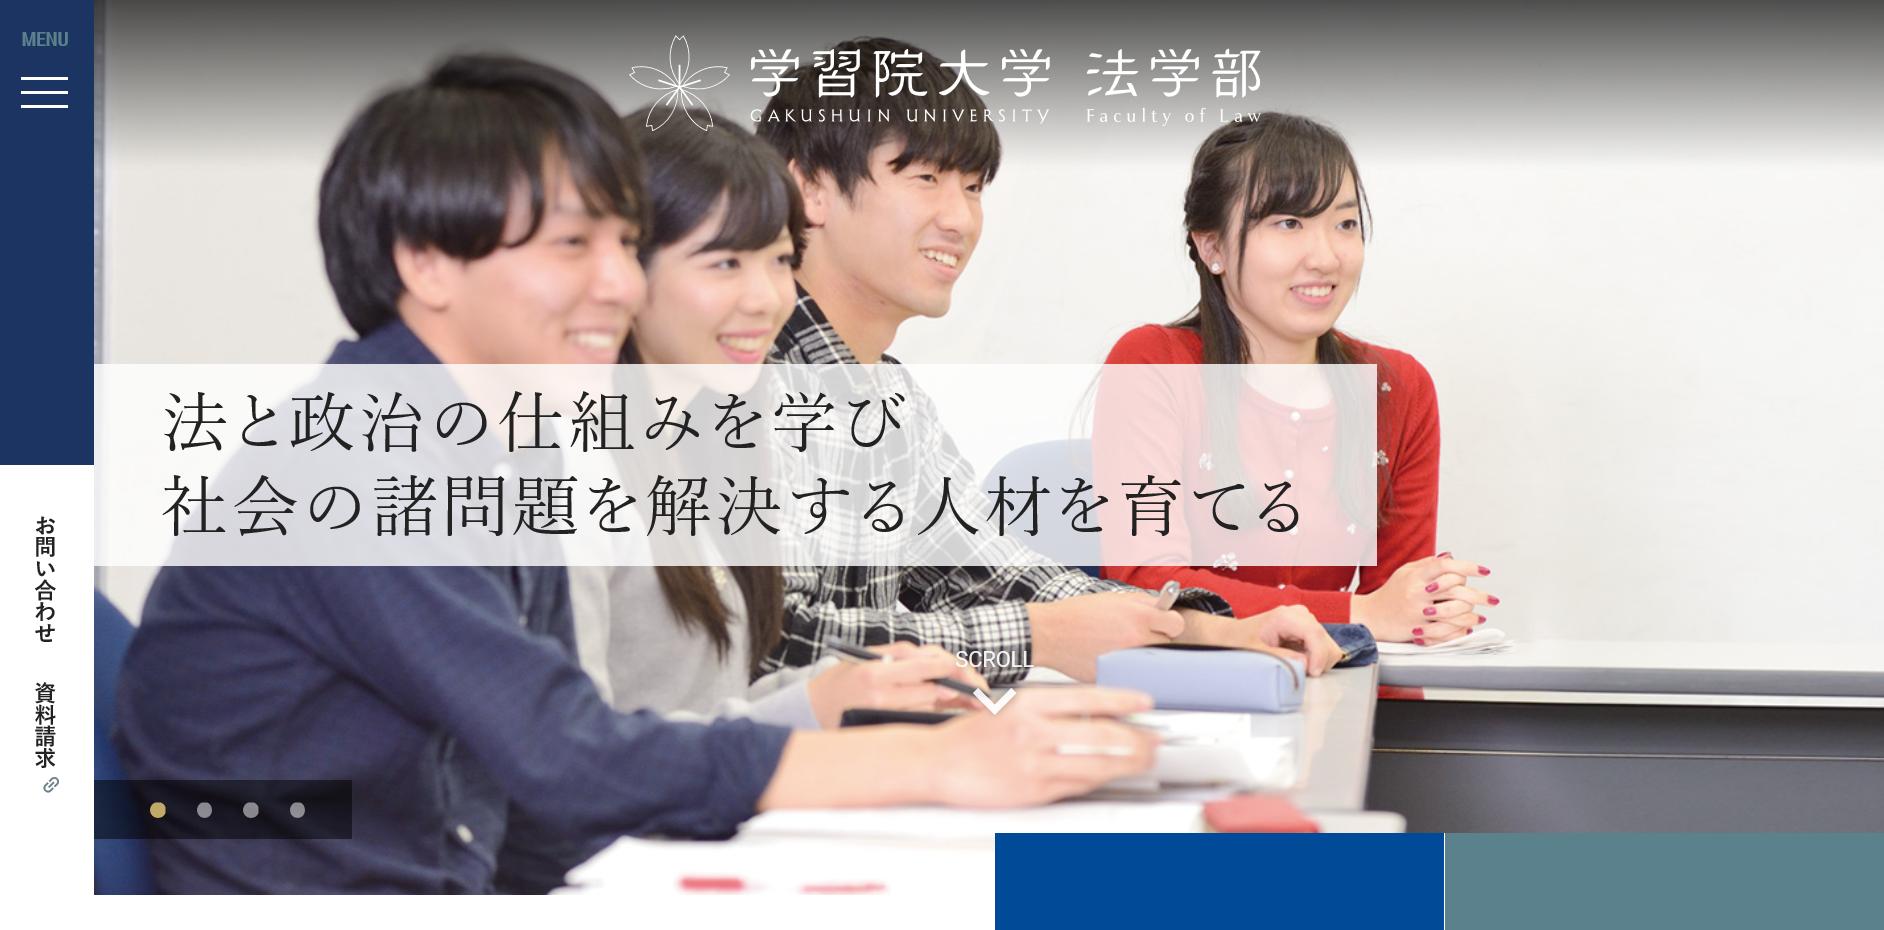 学習院大学の評判・口コミ【法学部編】